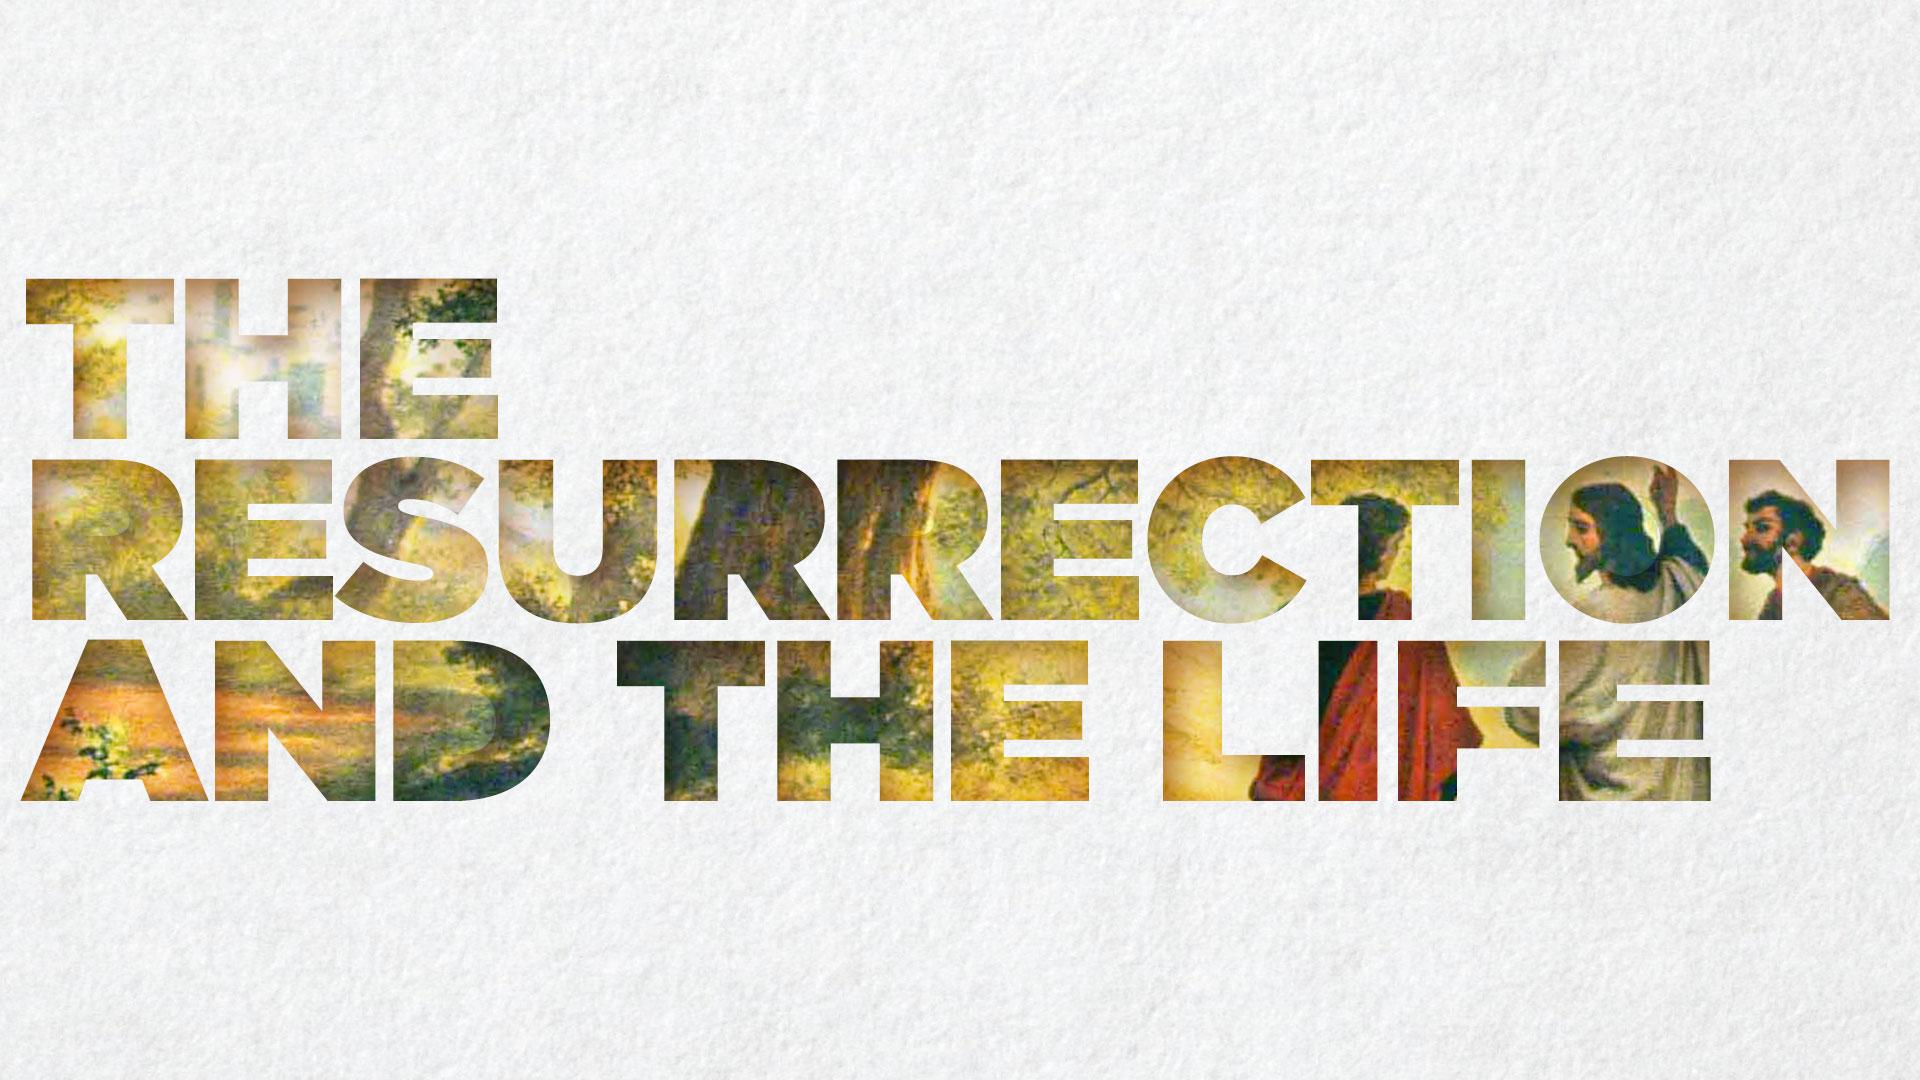 Easter_Sermon_V3c.jpg